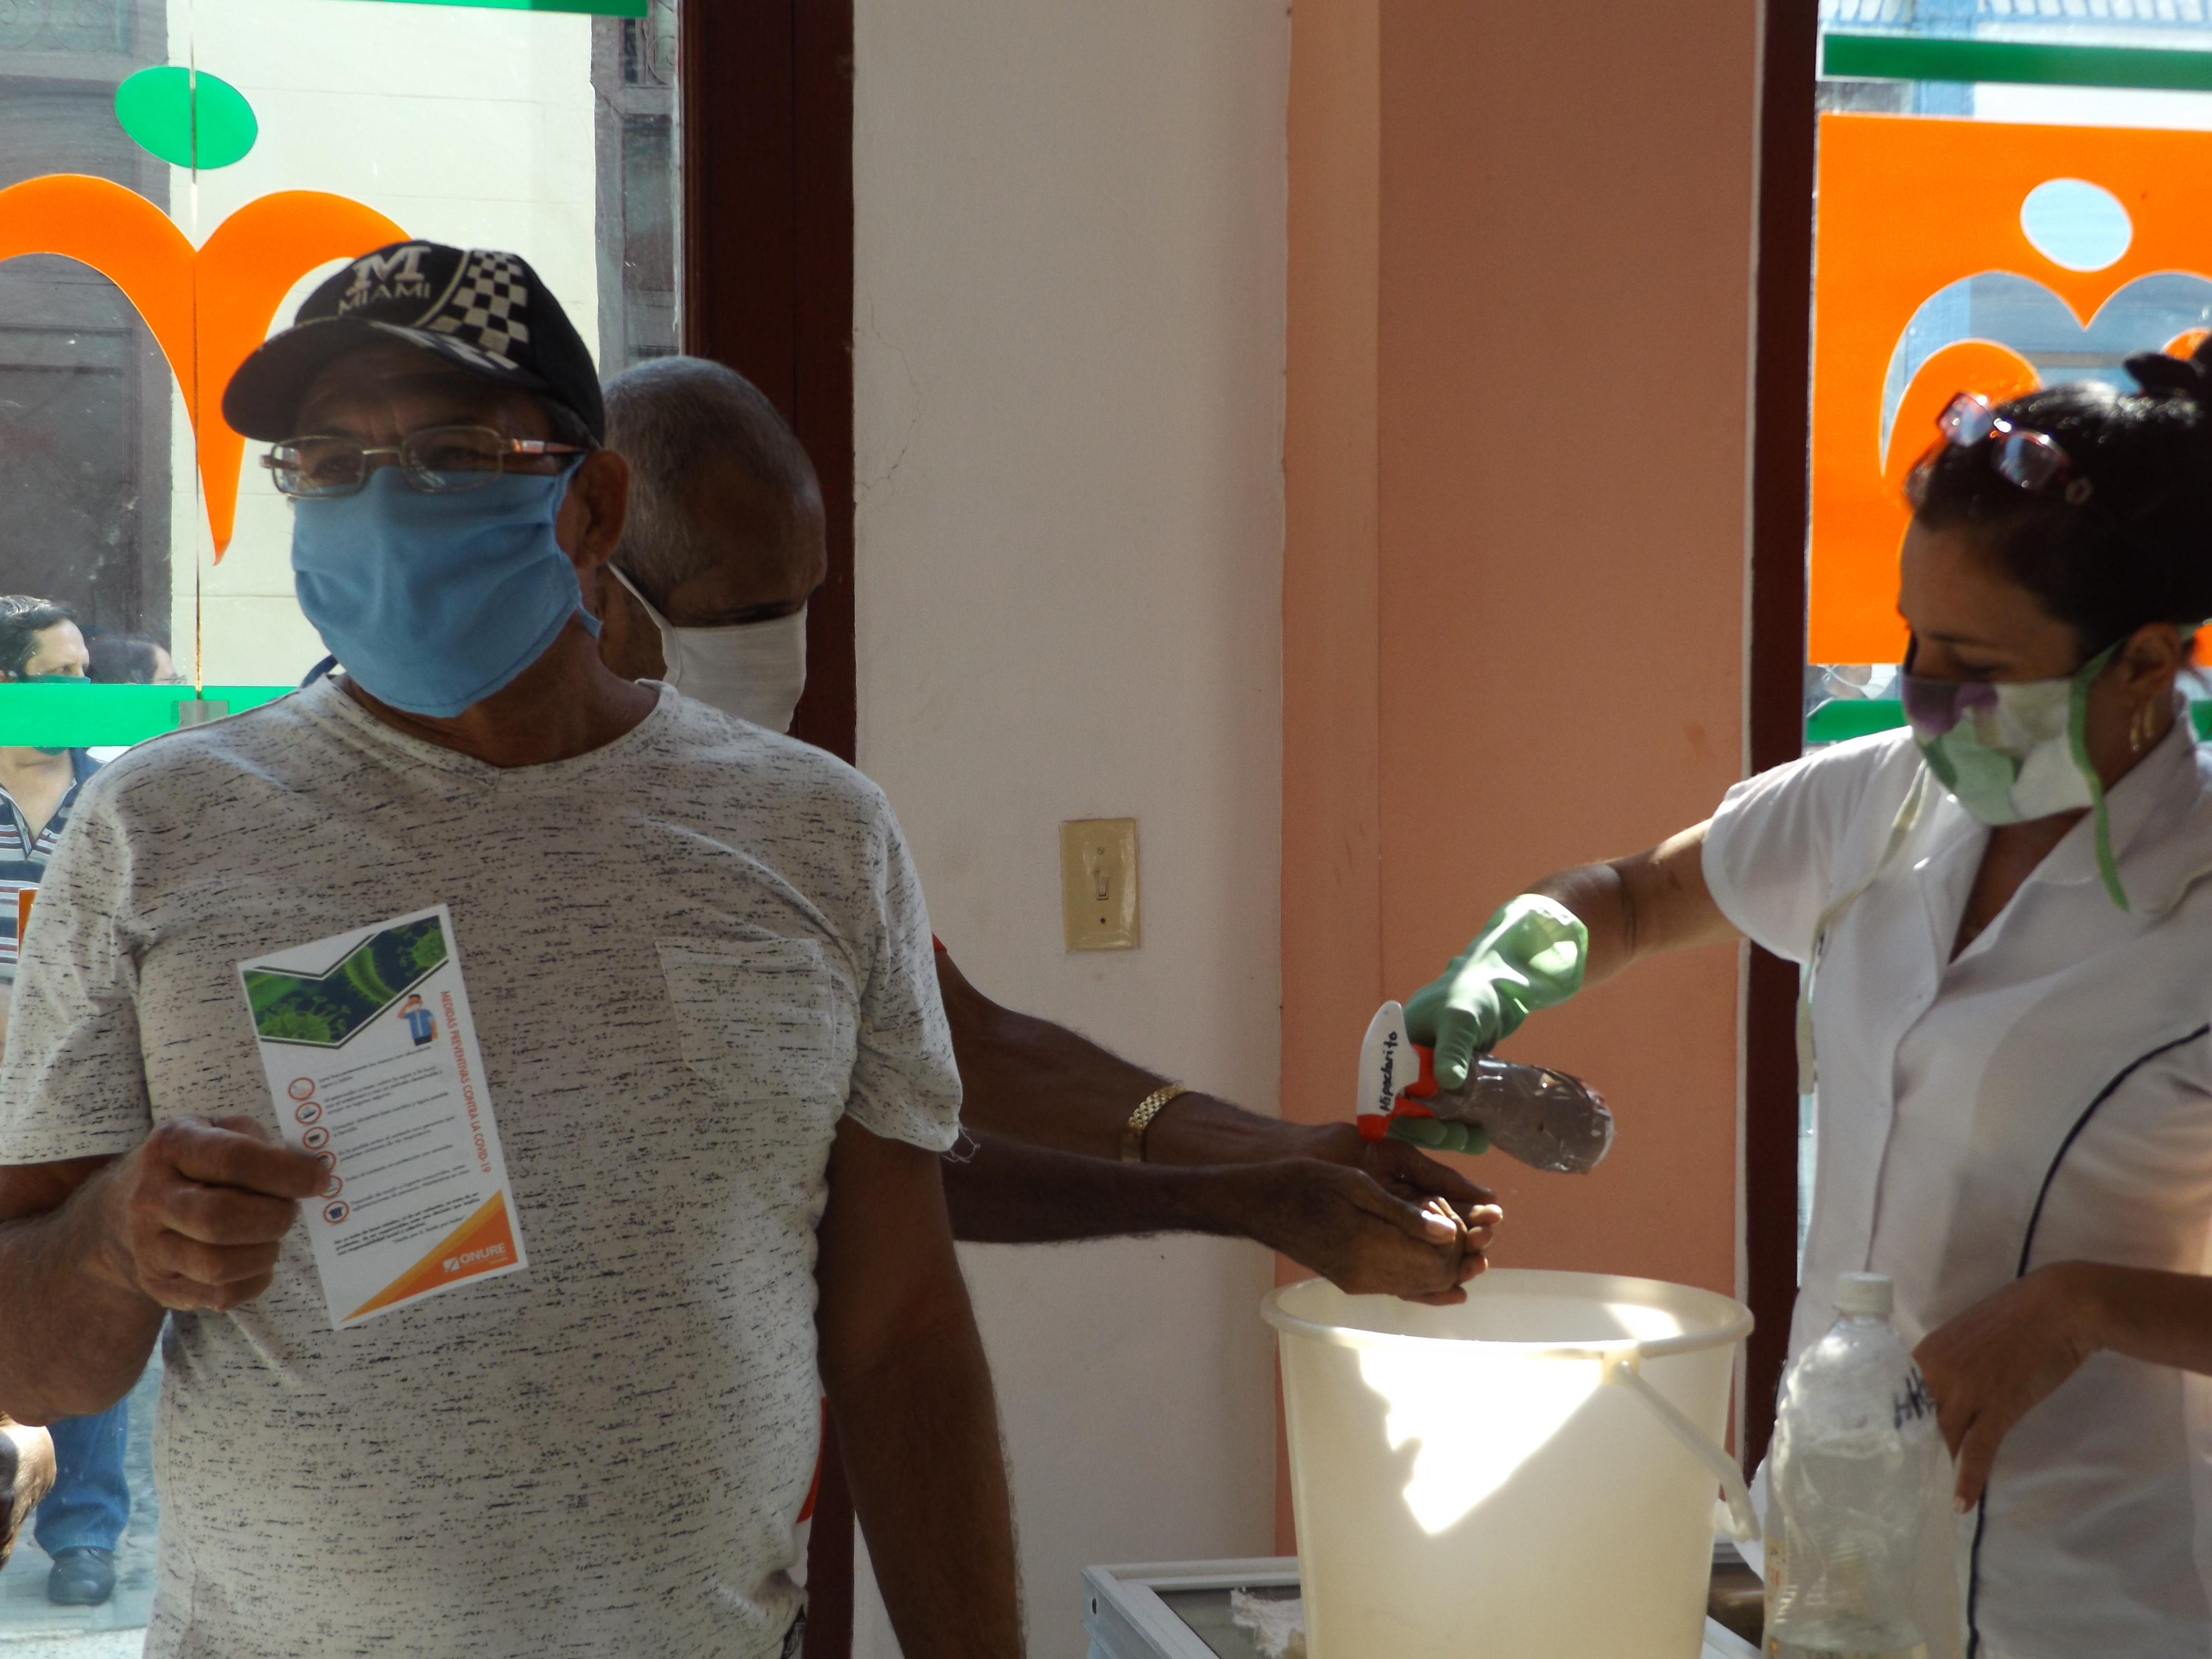 Ahorrar electricidad en tiempos de coronavirus